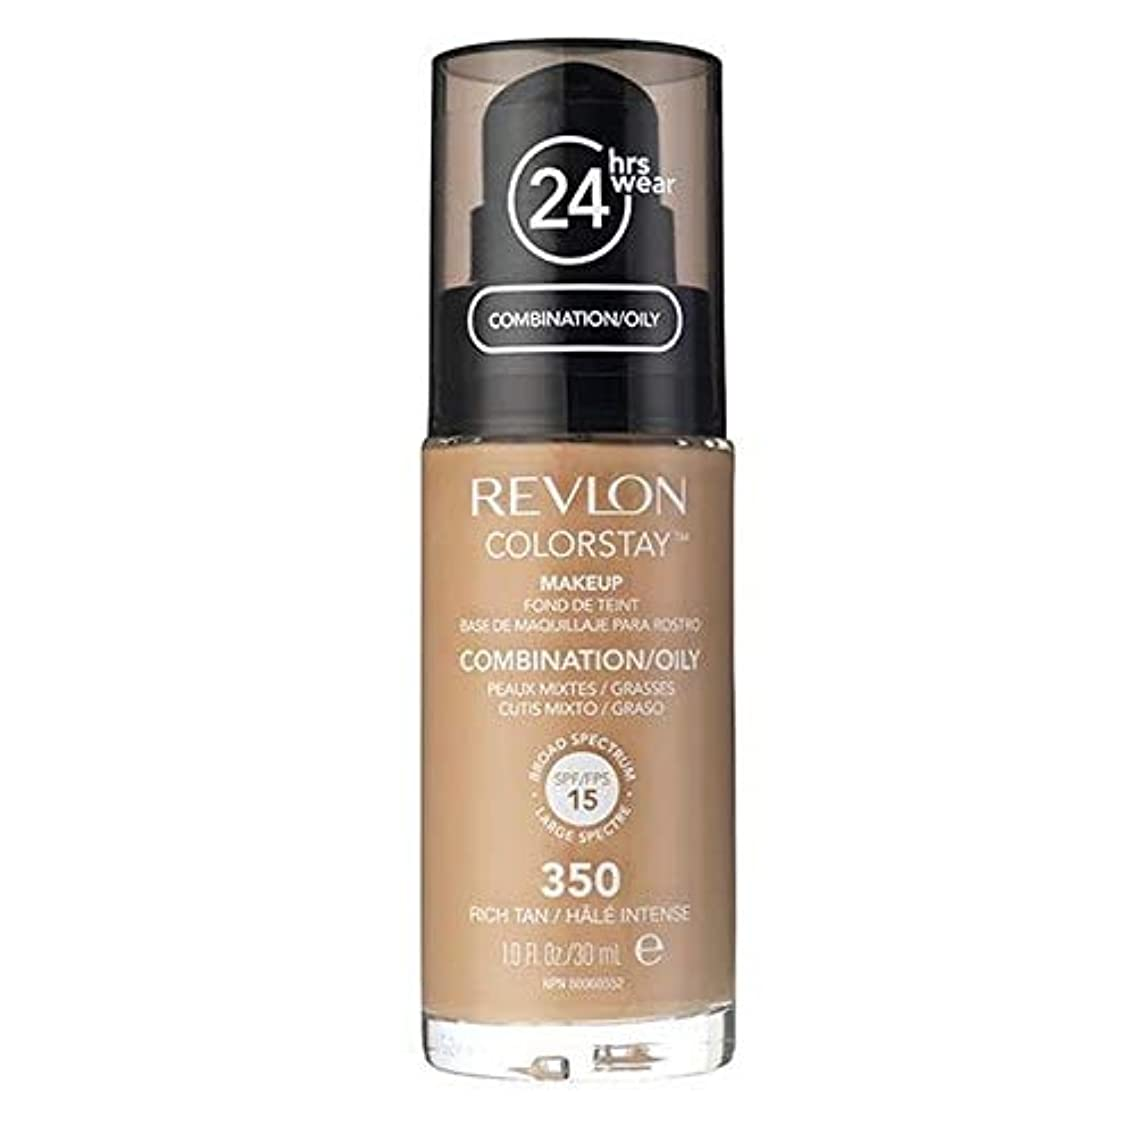 挑む昼間波紋[Revlon ] レブロンカラーステイ基盤コンビ/油性豊かな日焼け30ミリリットル - Revlon Color Stay Foundation Combi/Oily Rich Tan 30ml [並行輸入品]